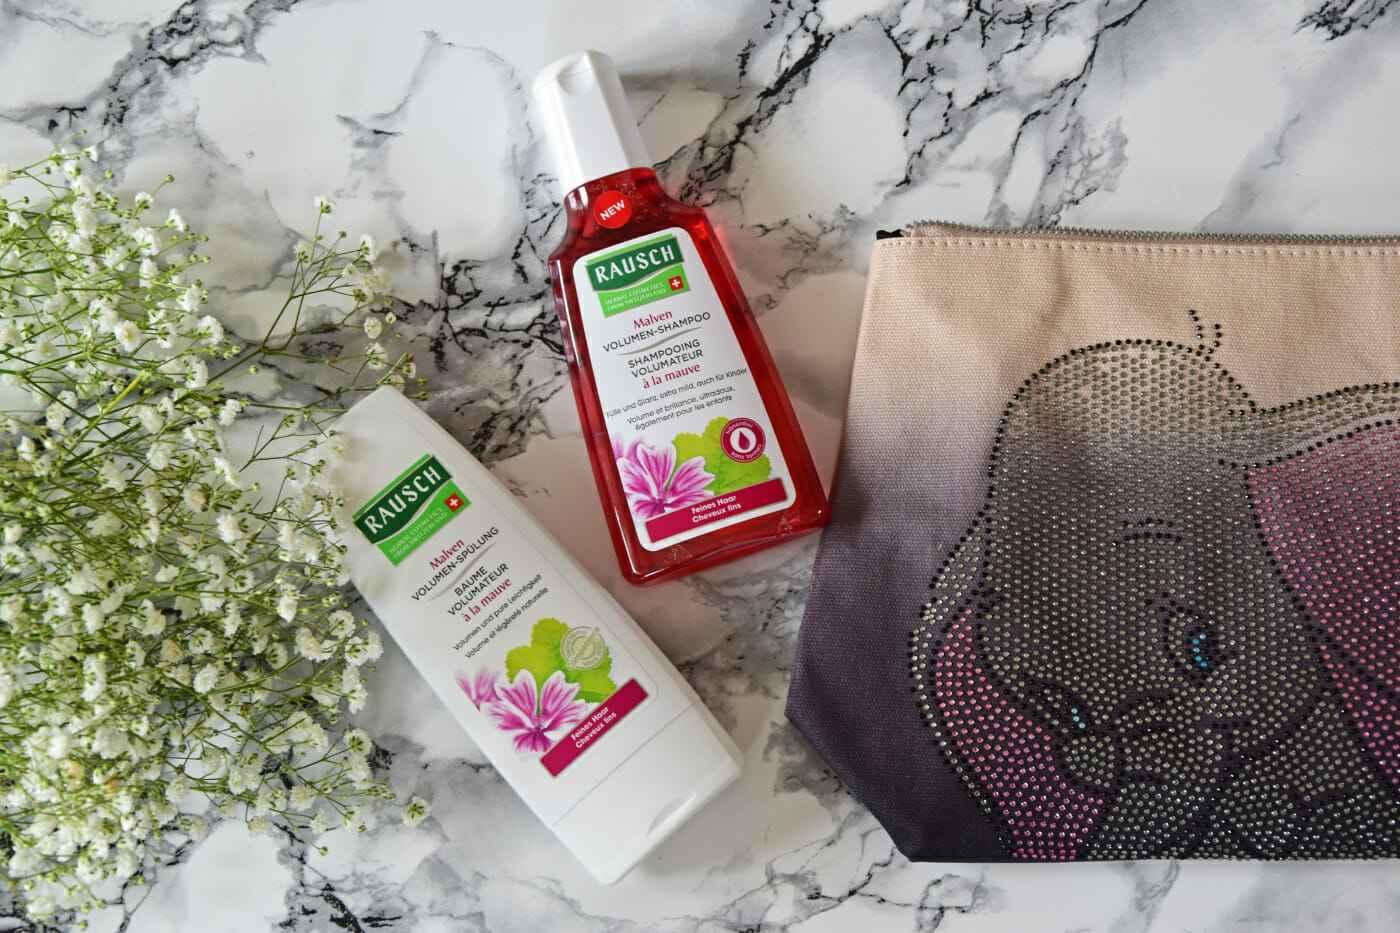 Rausch Volumen Shampoo und Spülung